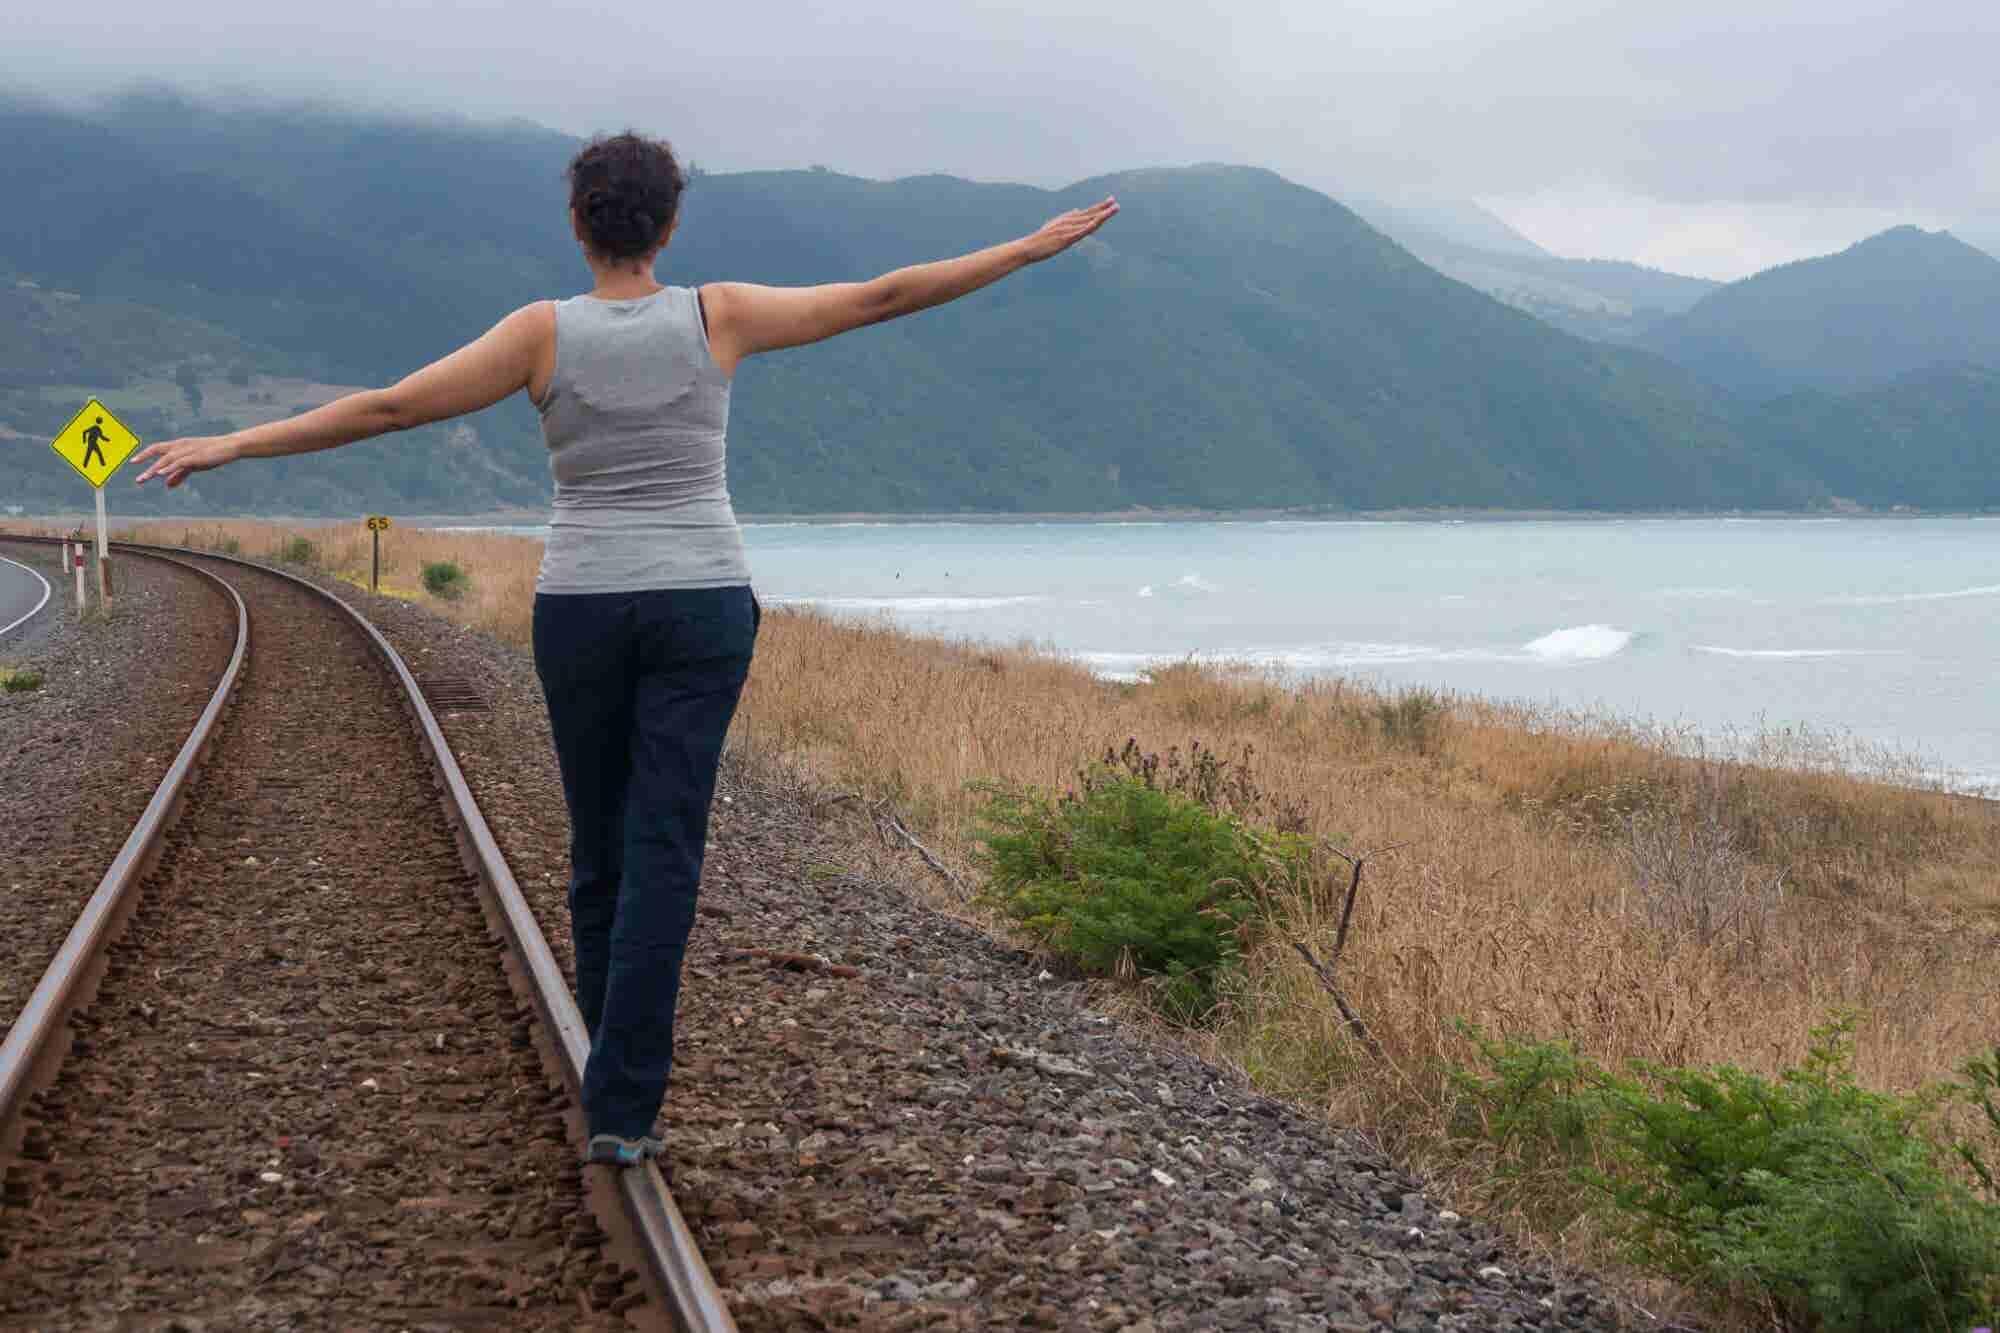 Estas son las 6 habilidades que te dar谩n beneficios toda la vida